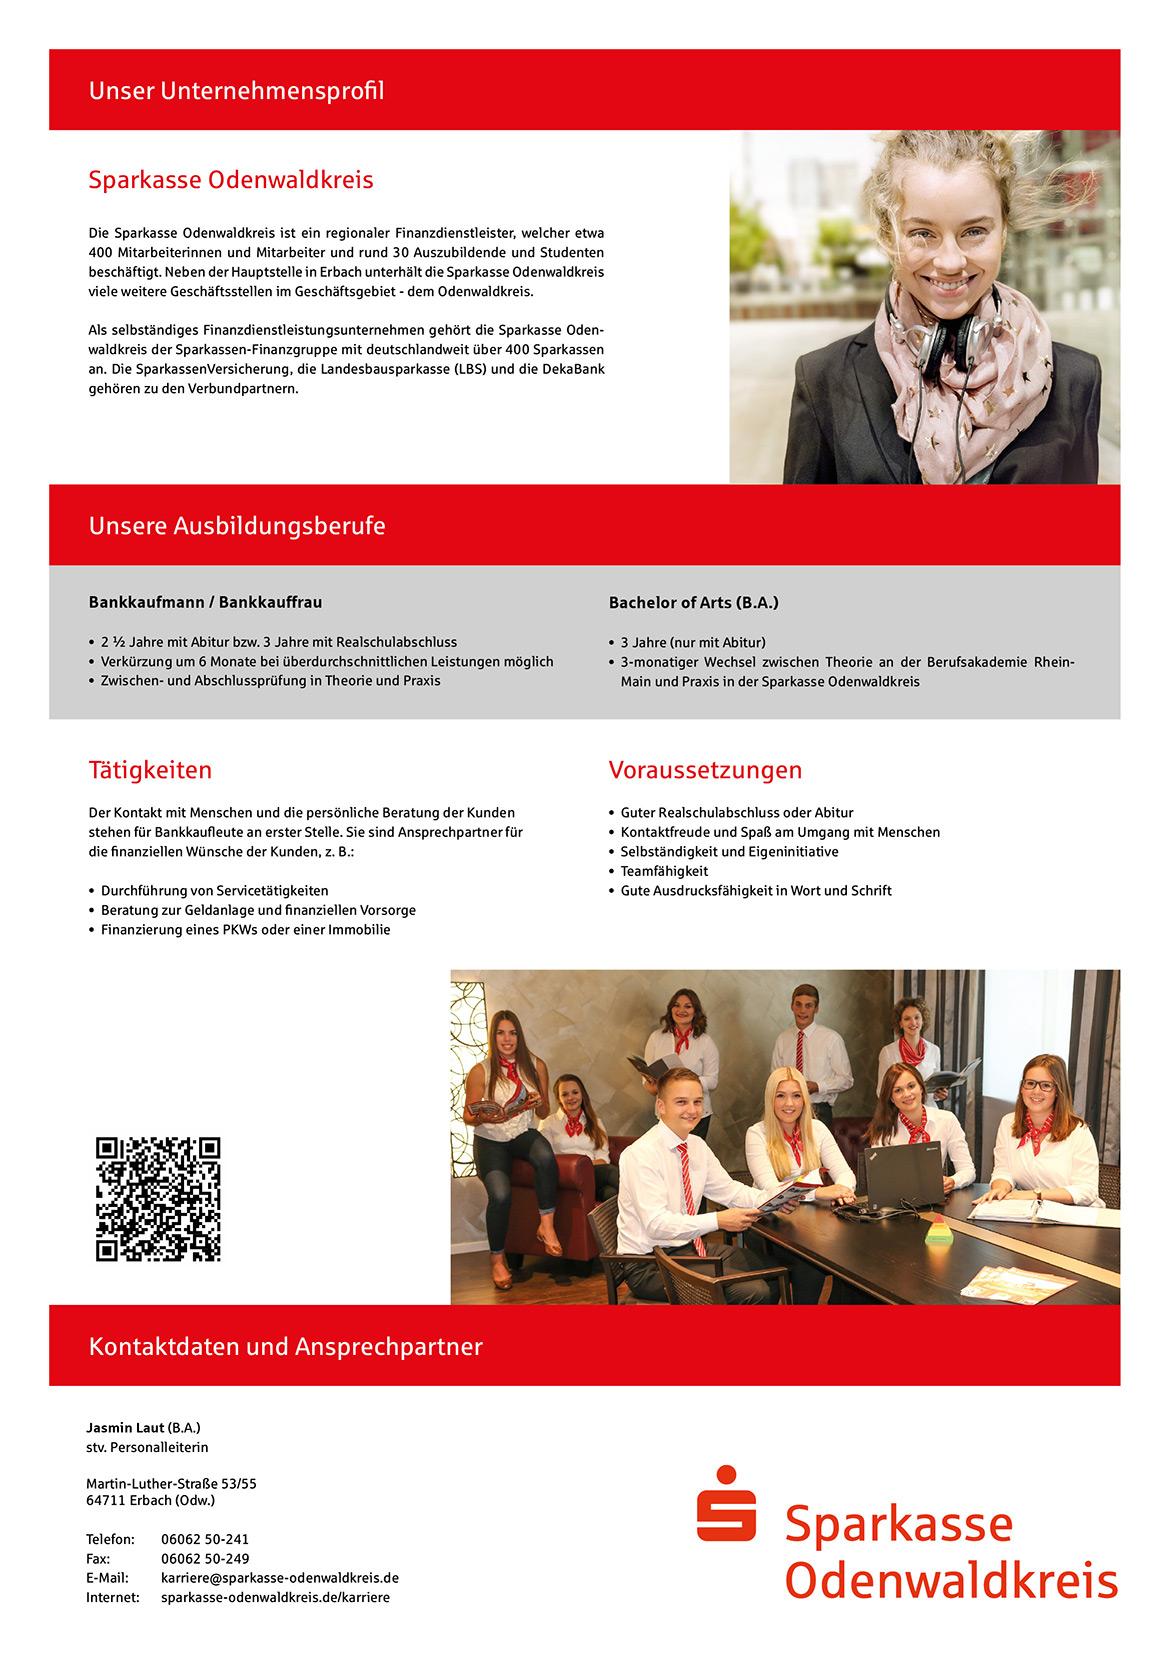 Ausbildungsplakat: Sparkasse Odenwaldkreis